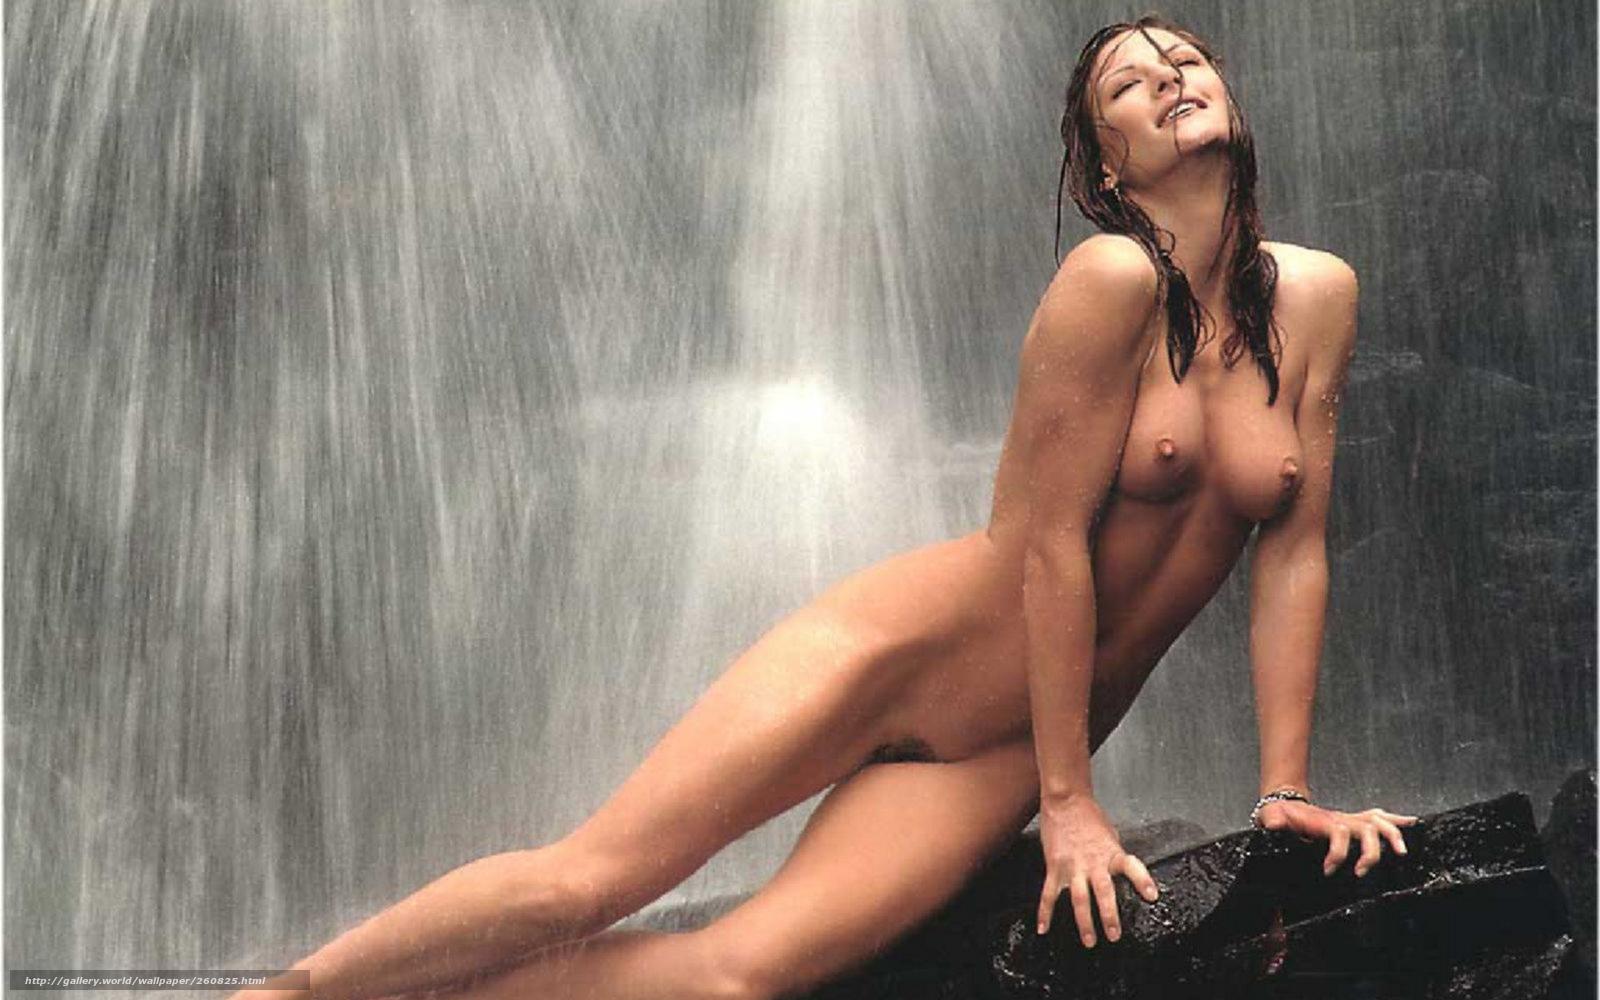 Рыжие сексуальные девушки с супер фигурой фото 9 фотография